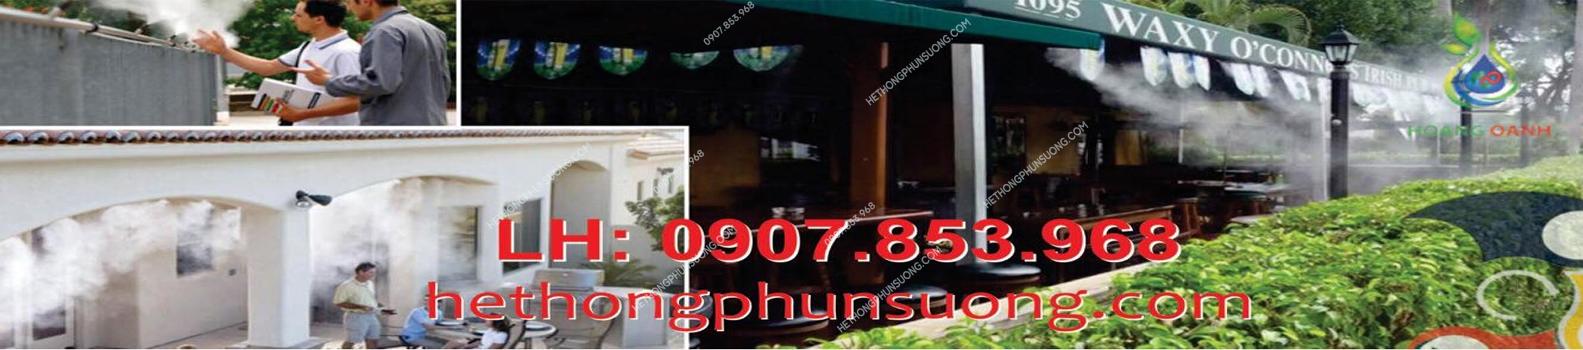 he-thong-phun-suong-hoanh-oanh